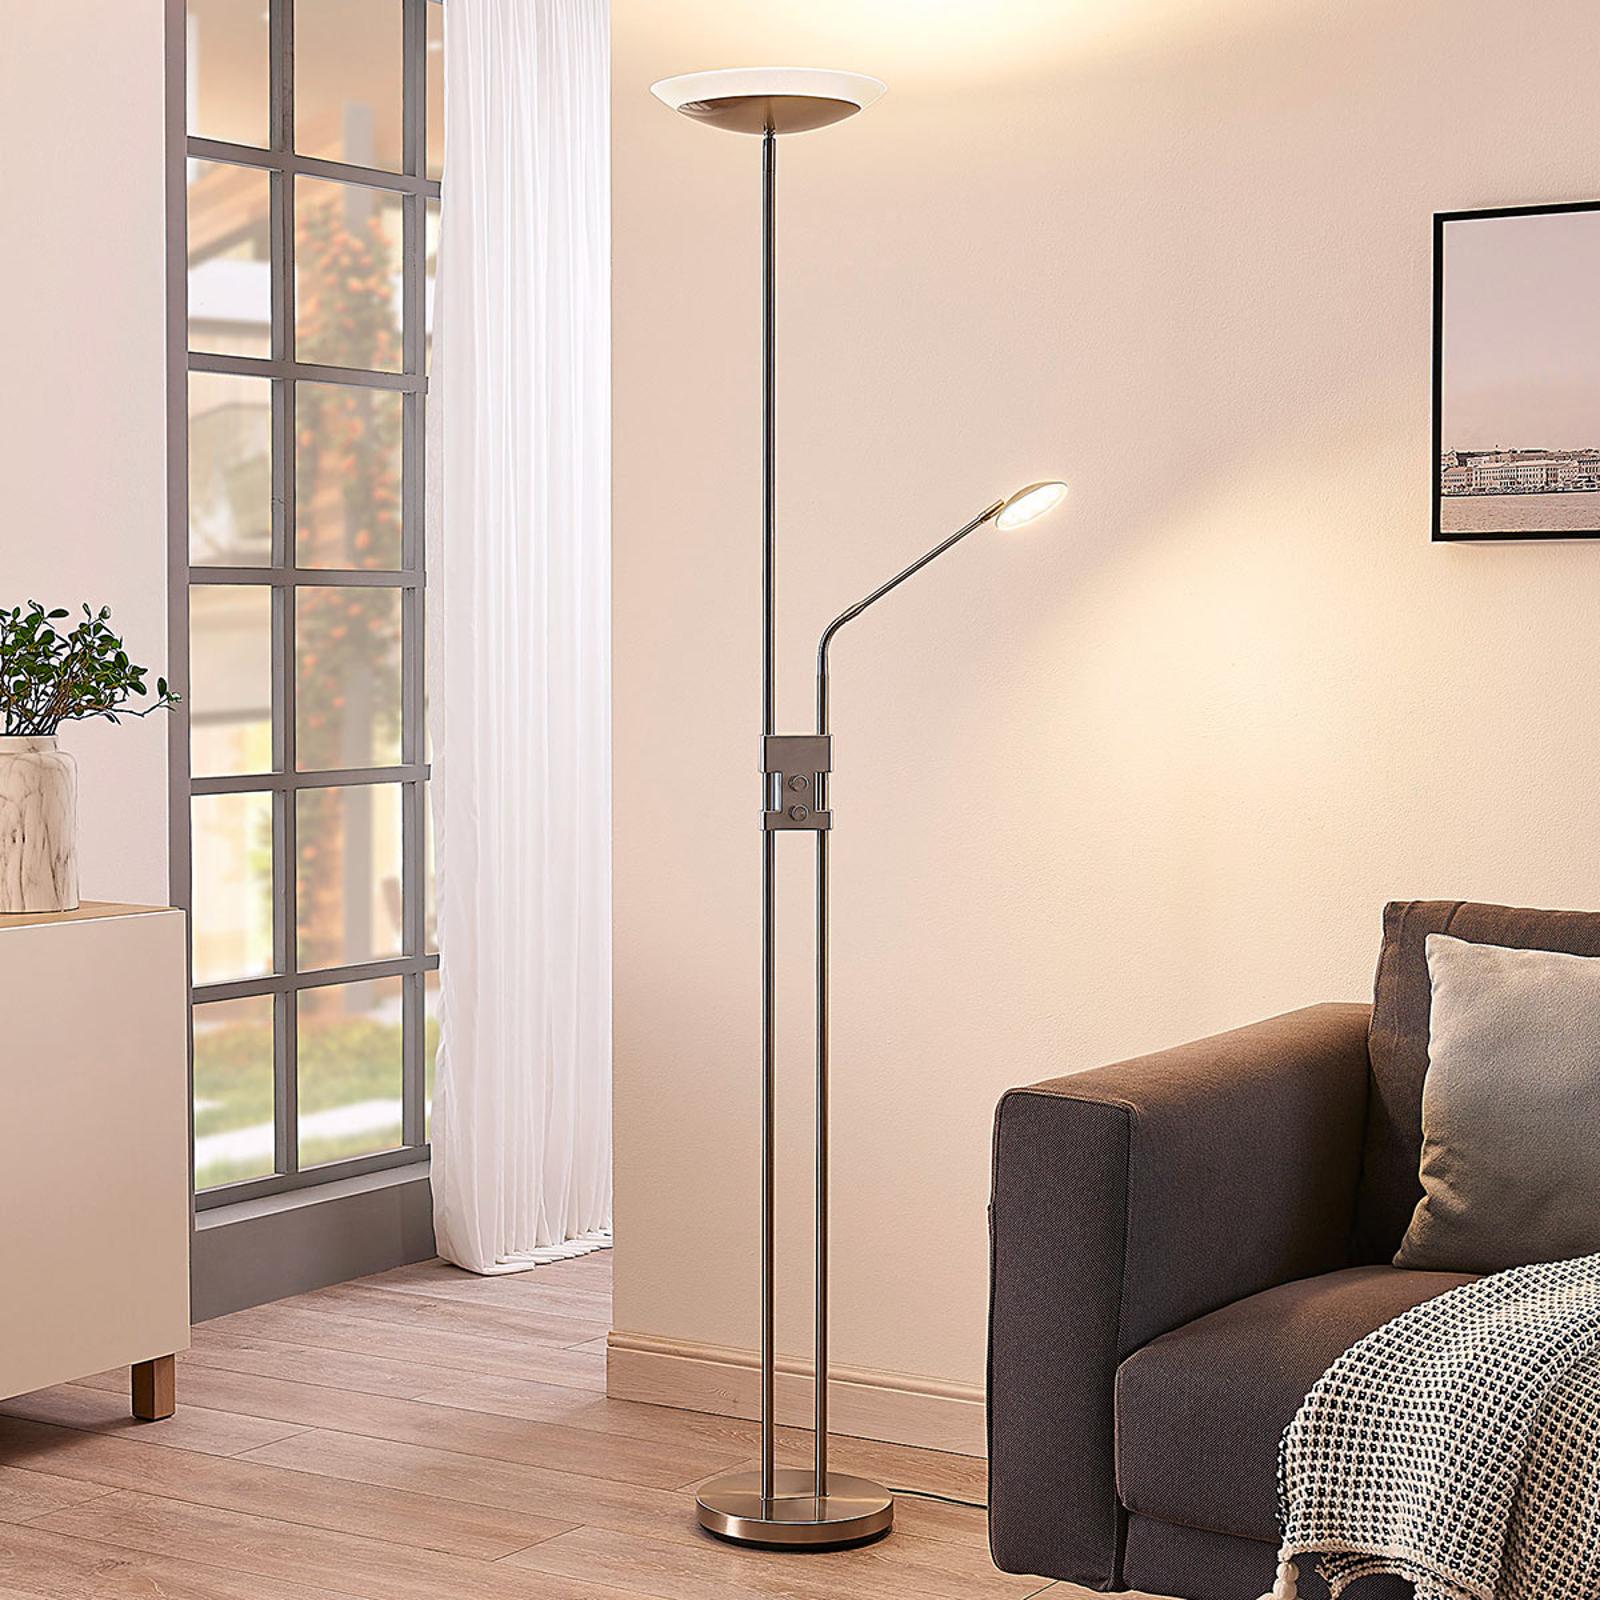 LED-uplighter Jonne met leeslamp, dimbaar, rond